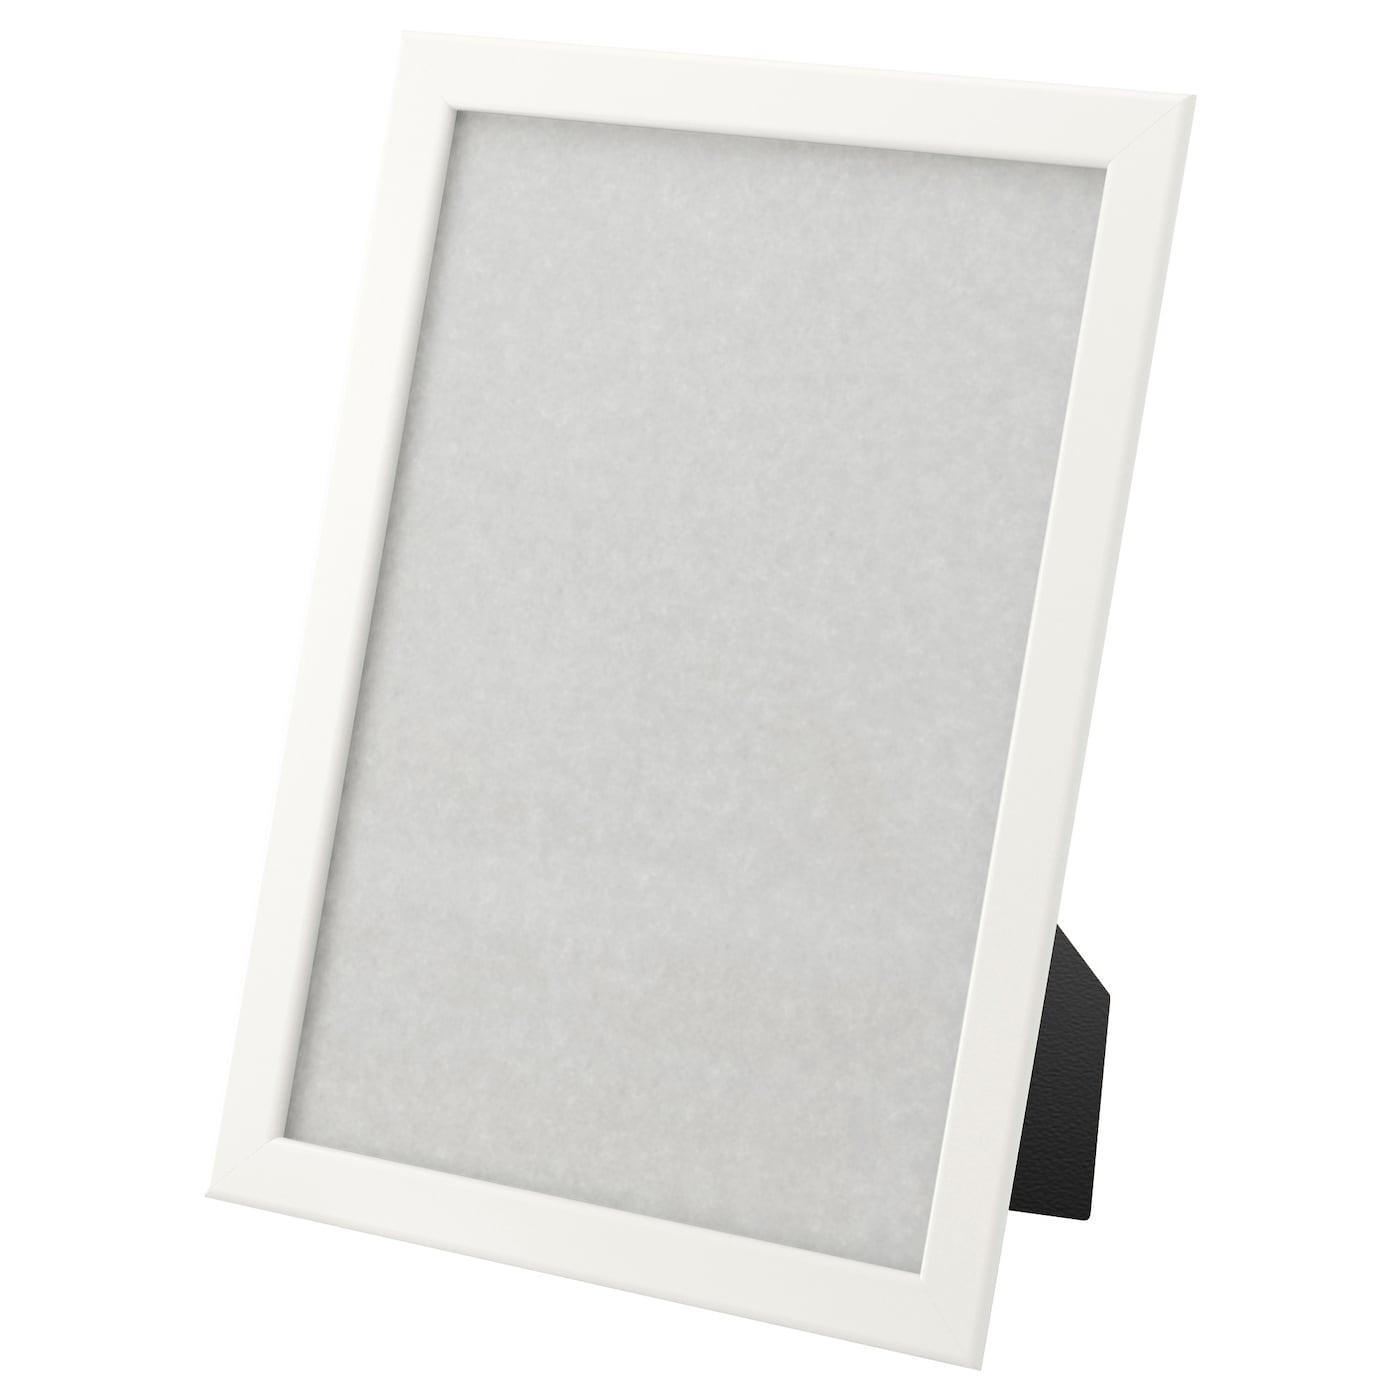 A3 Size Photo Frame Ikea